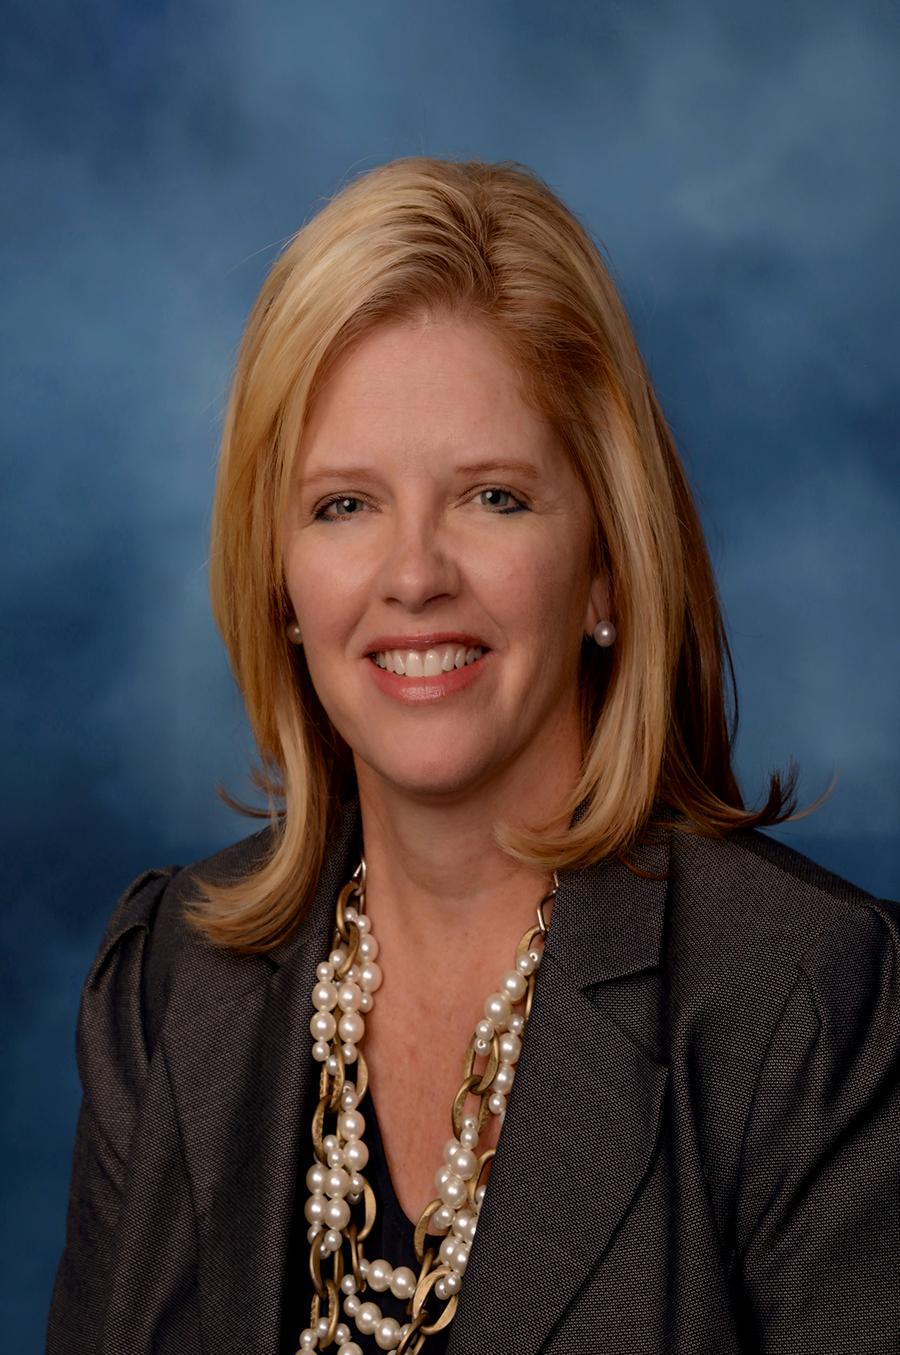 Cindy Stuart